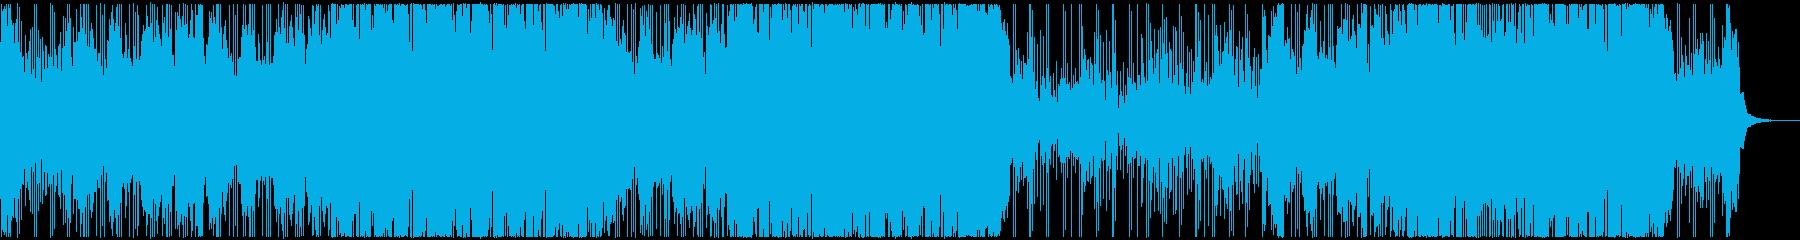 哀愁漂うインストミディアムバラードの再生済みの波形